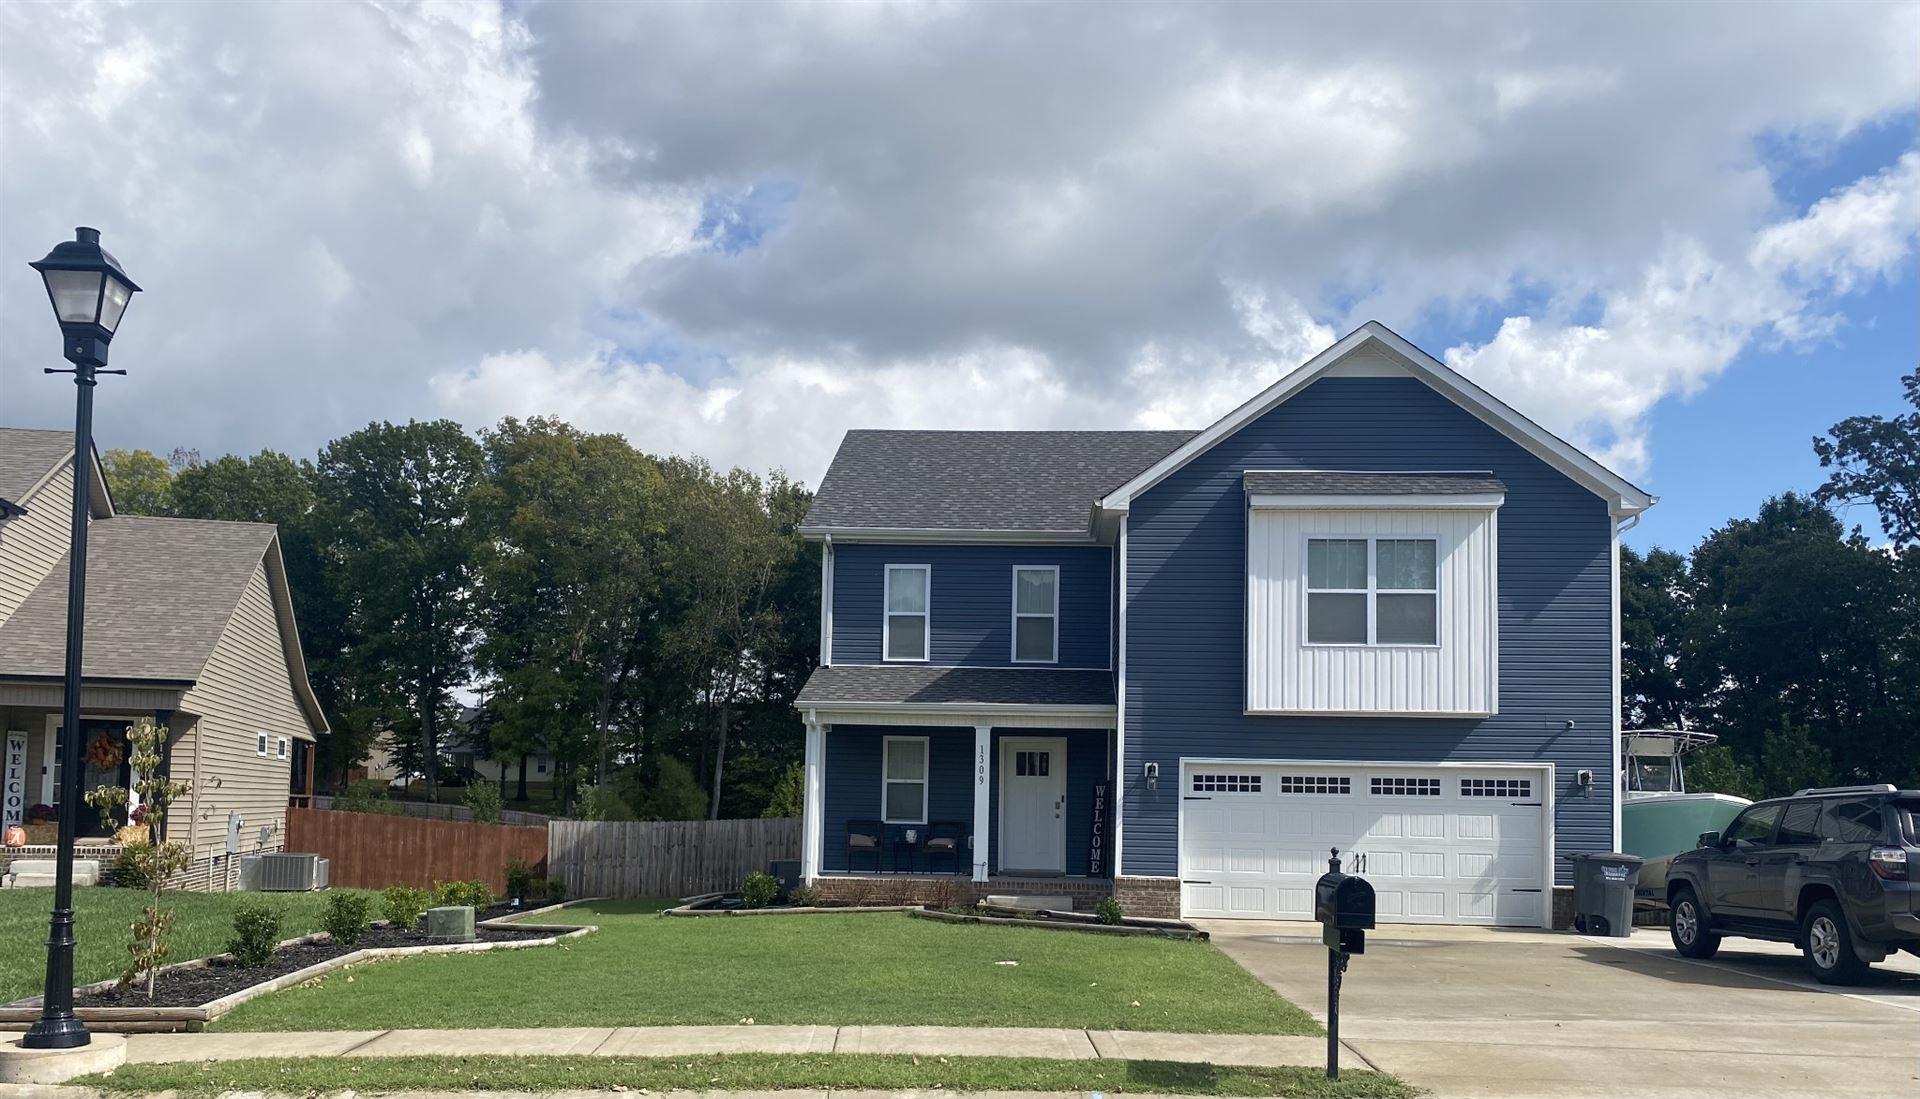 Photo of 1309 Harmon Ln, Clarksville, TN 37042 (MLS # 2300566)